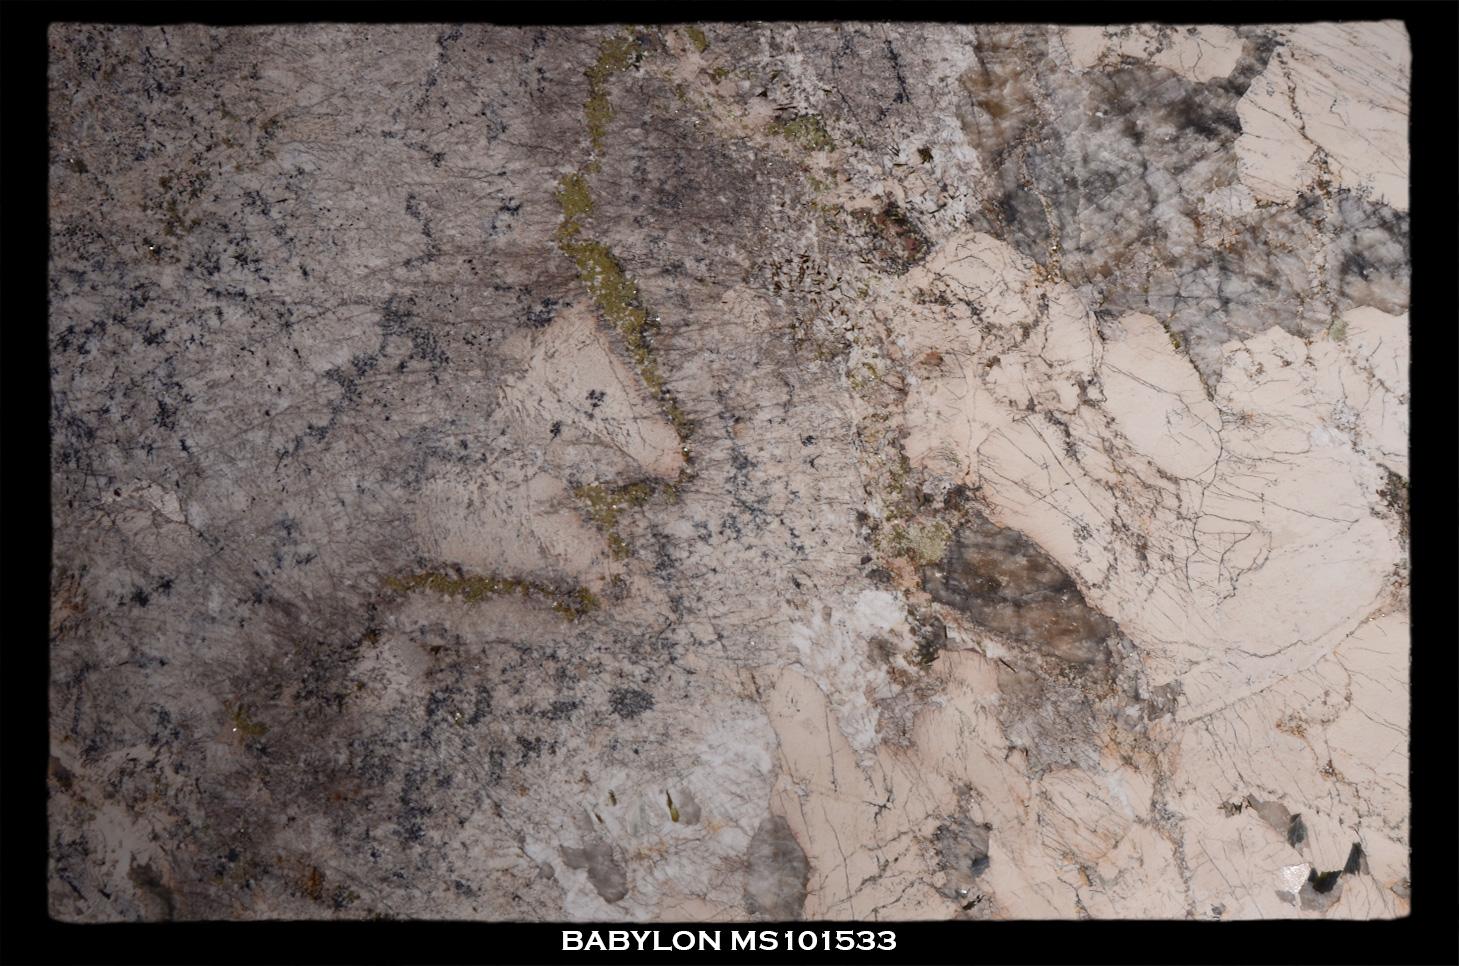 BABYLON-MS101533-slab